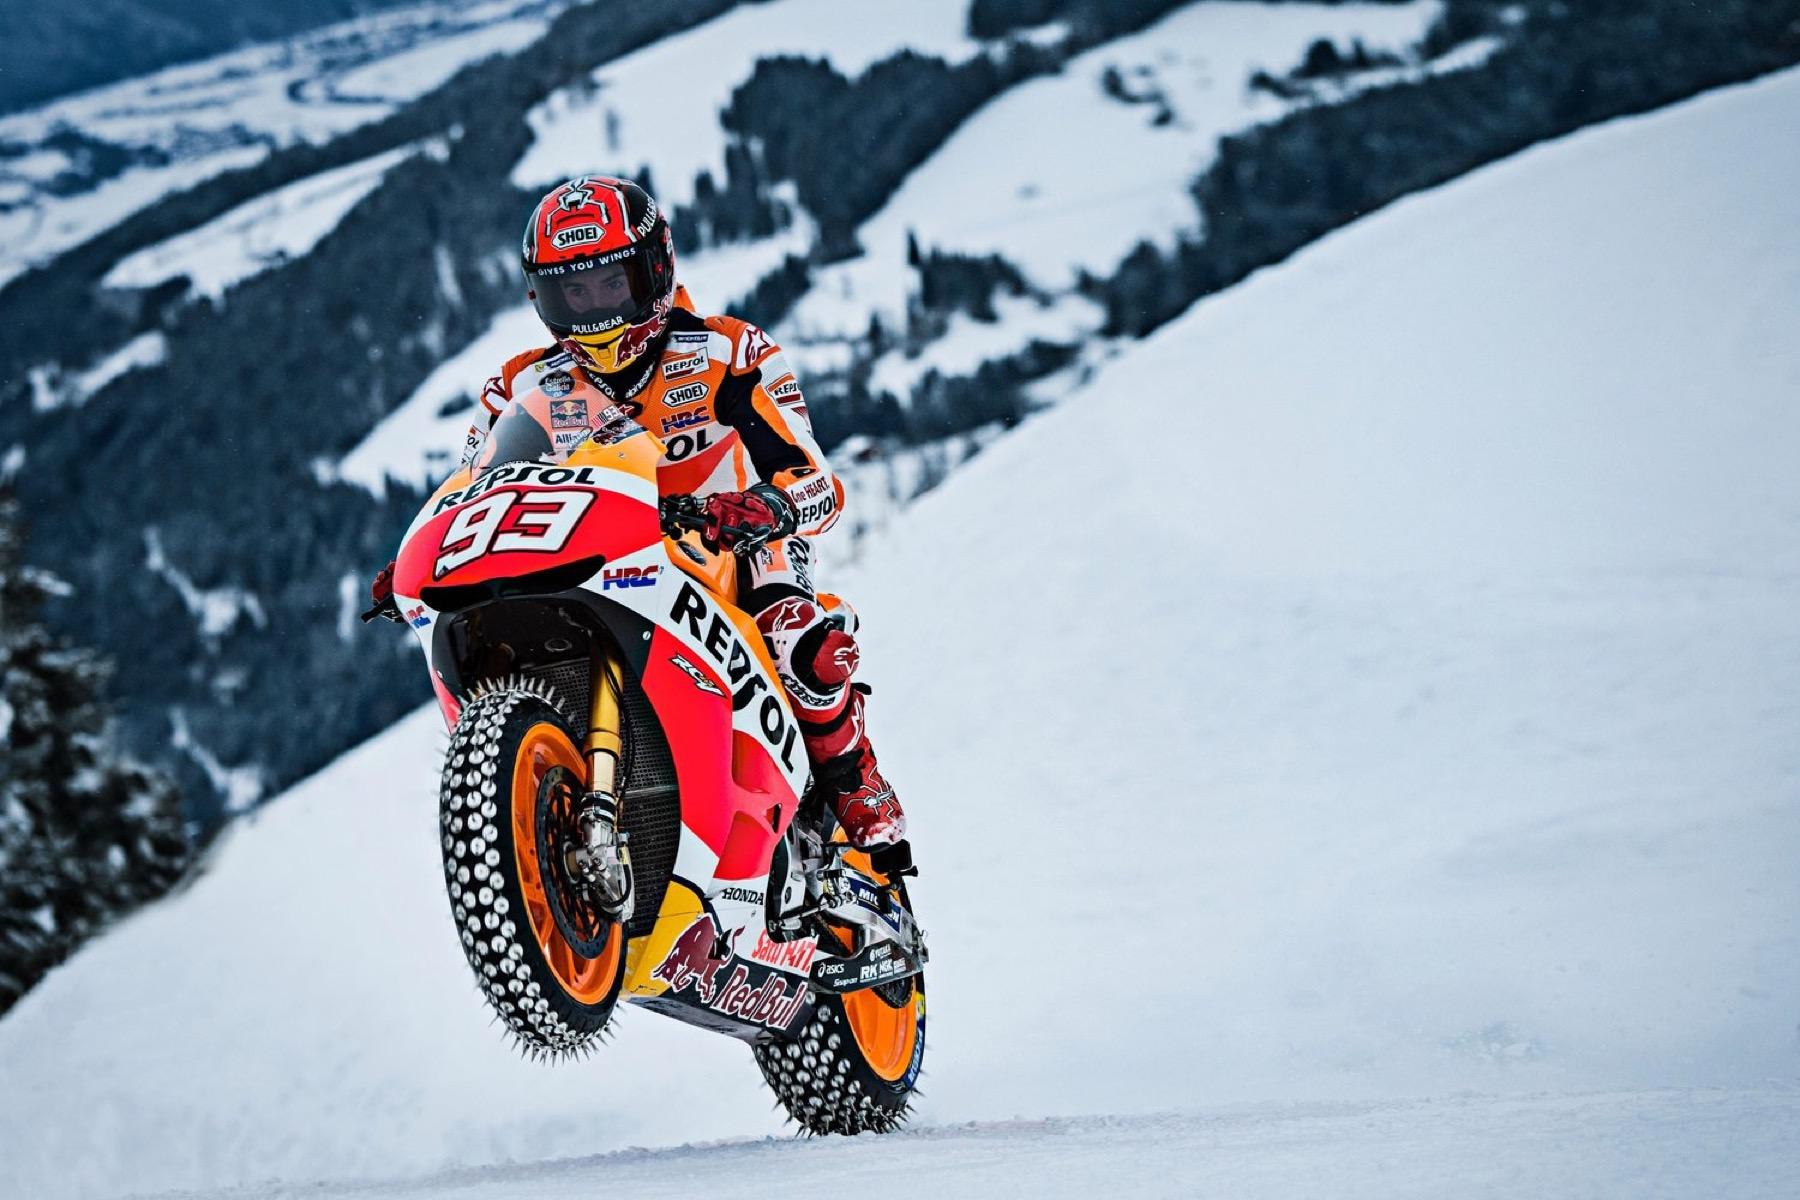 Marc Márquez con la MotoGP en los Alpes, galería y vídeo oficial